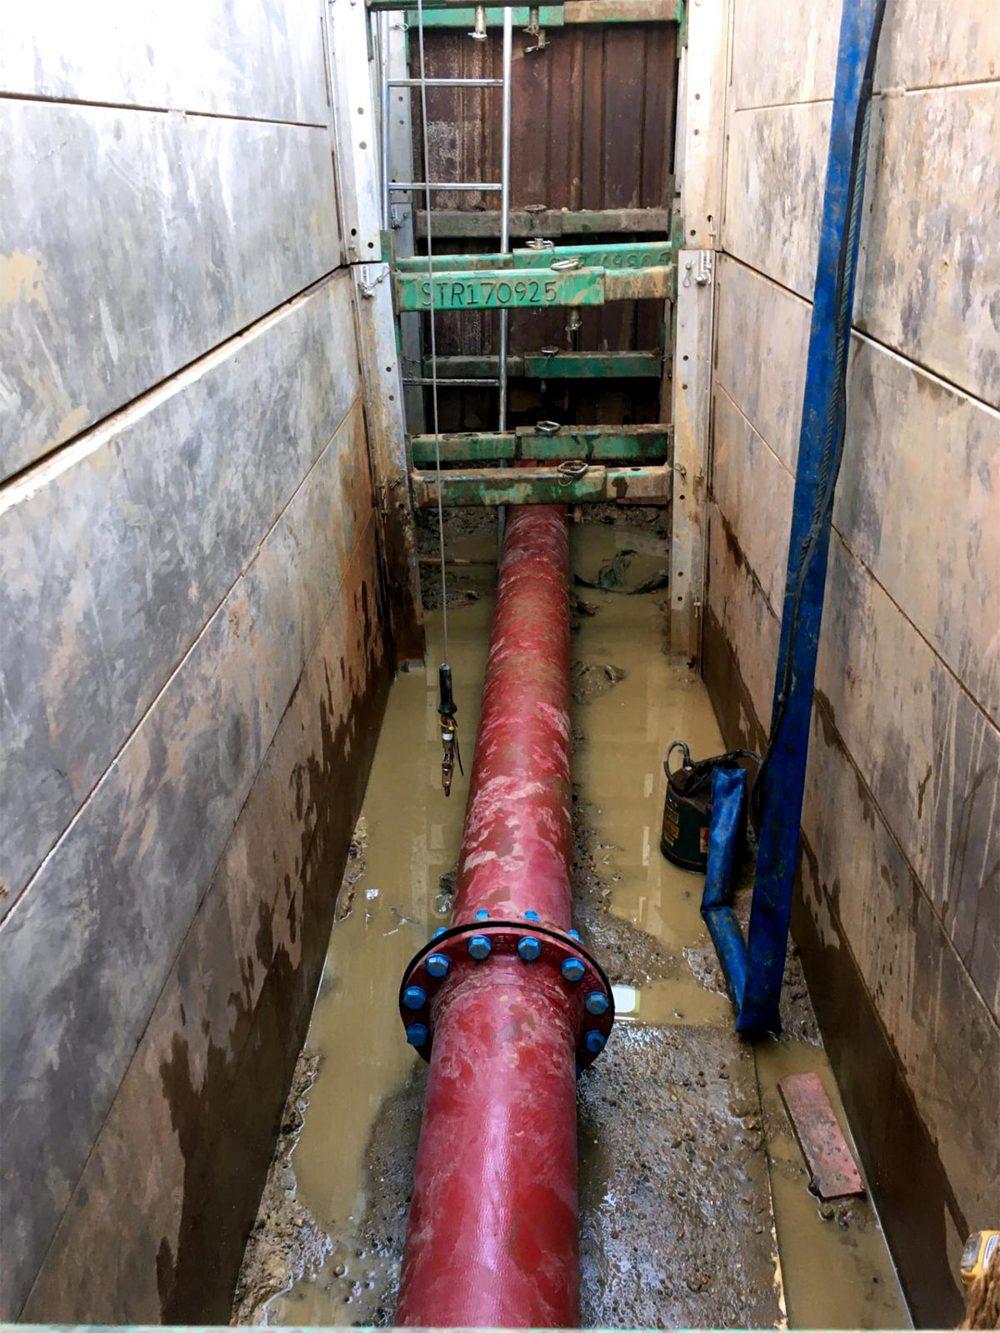 Red sprinkler pipe inside a shored trench